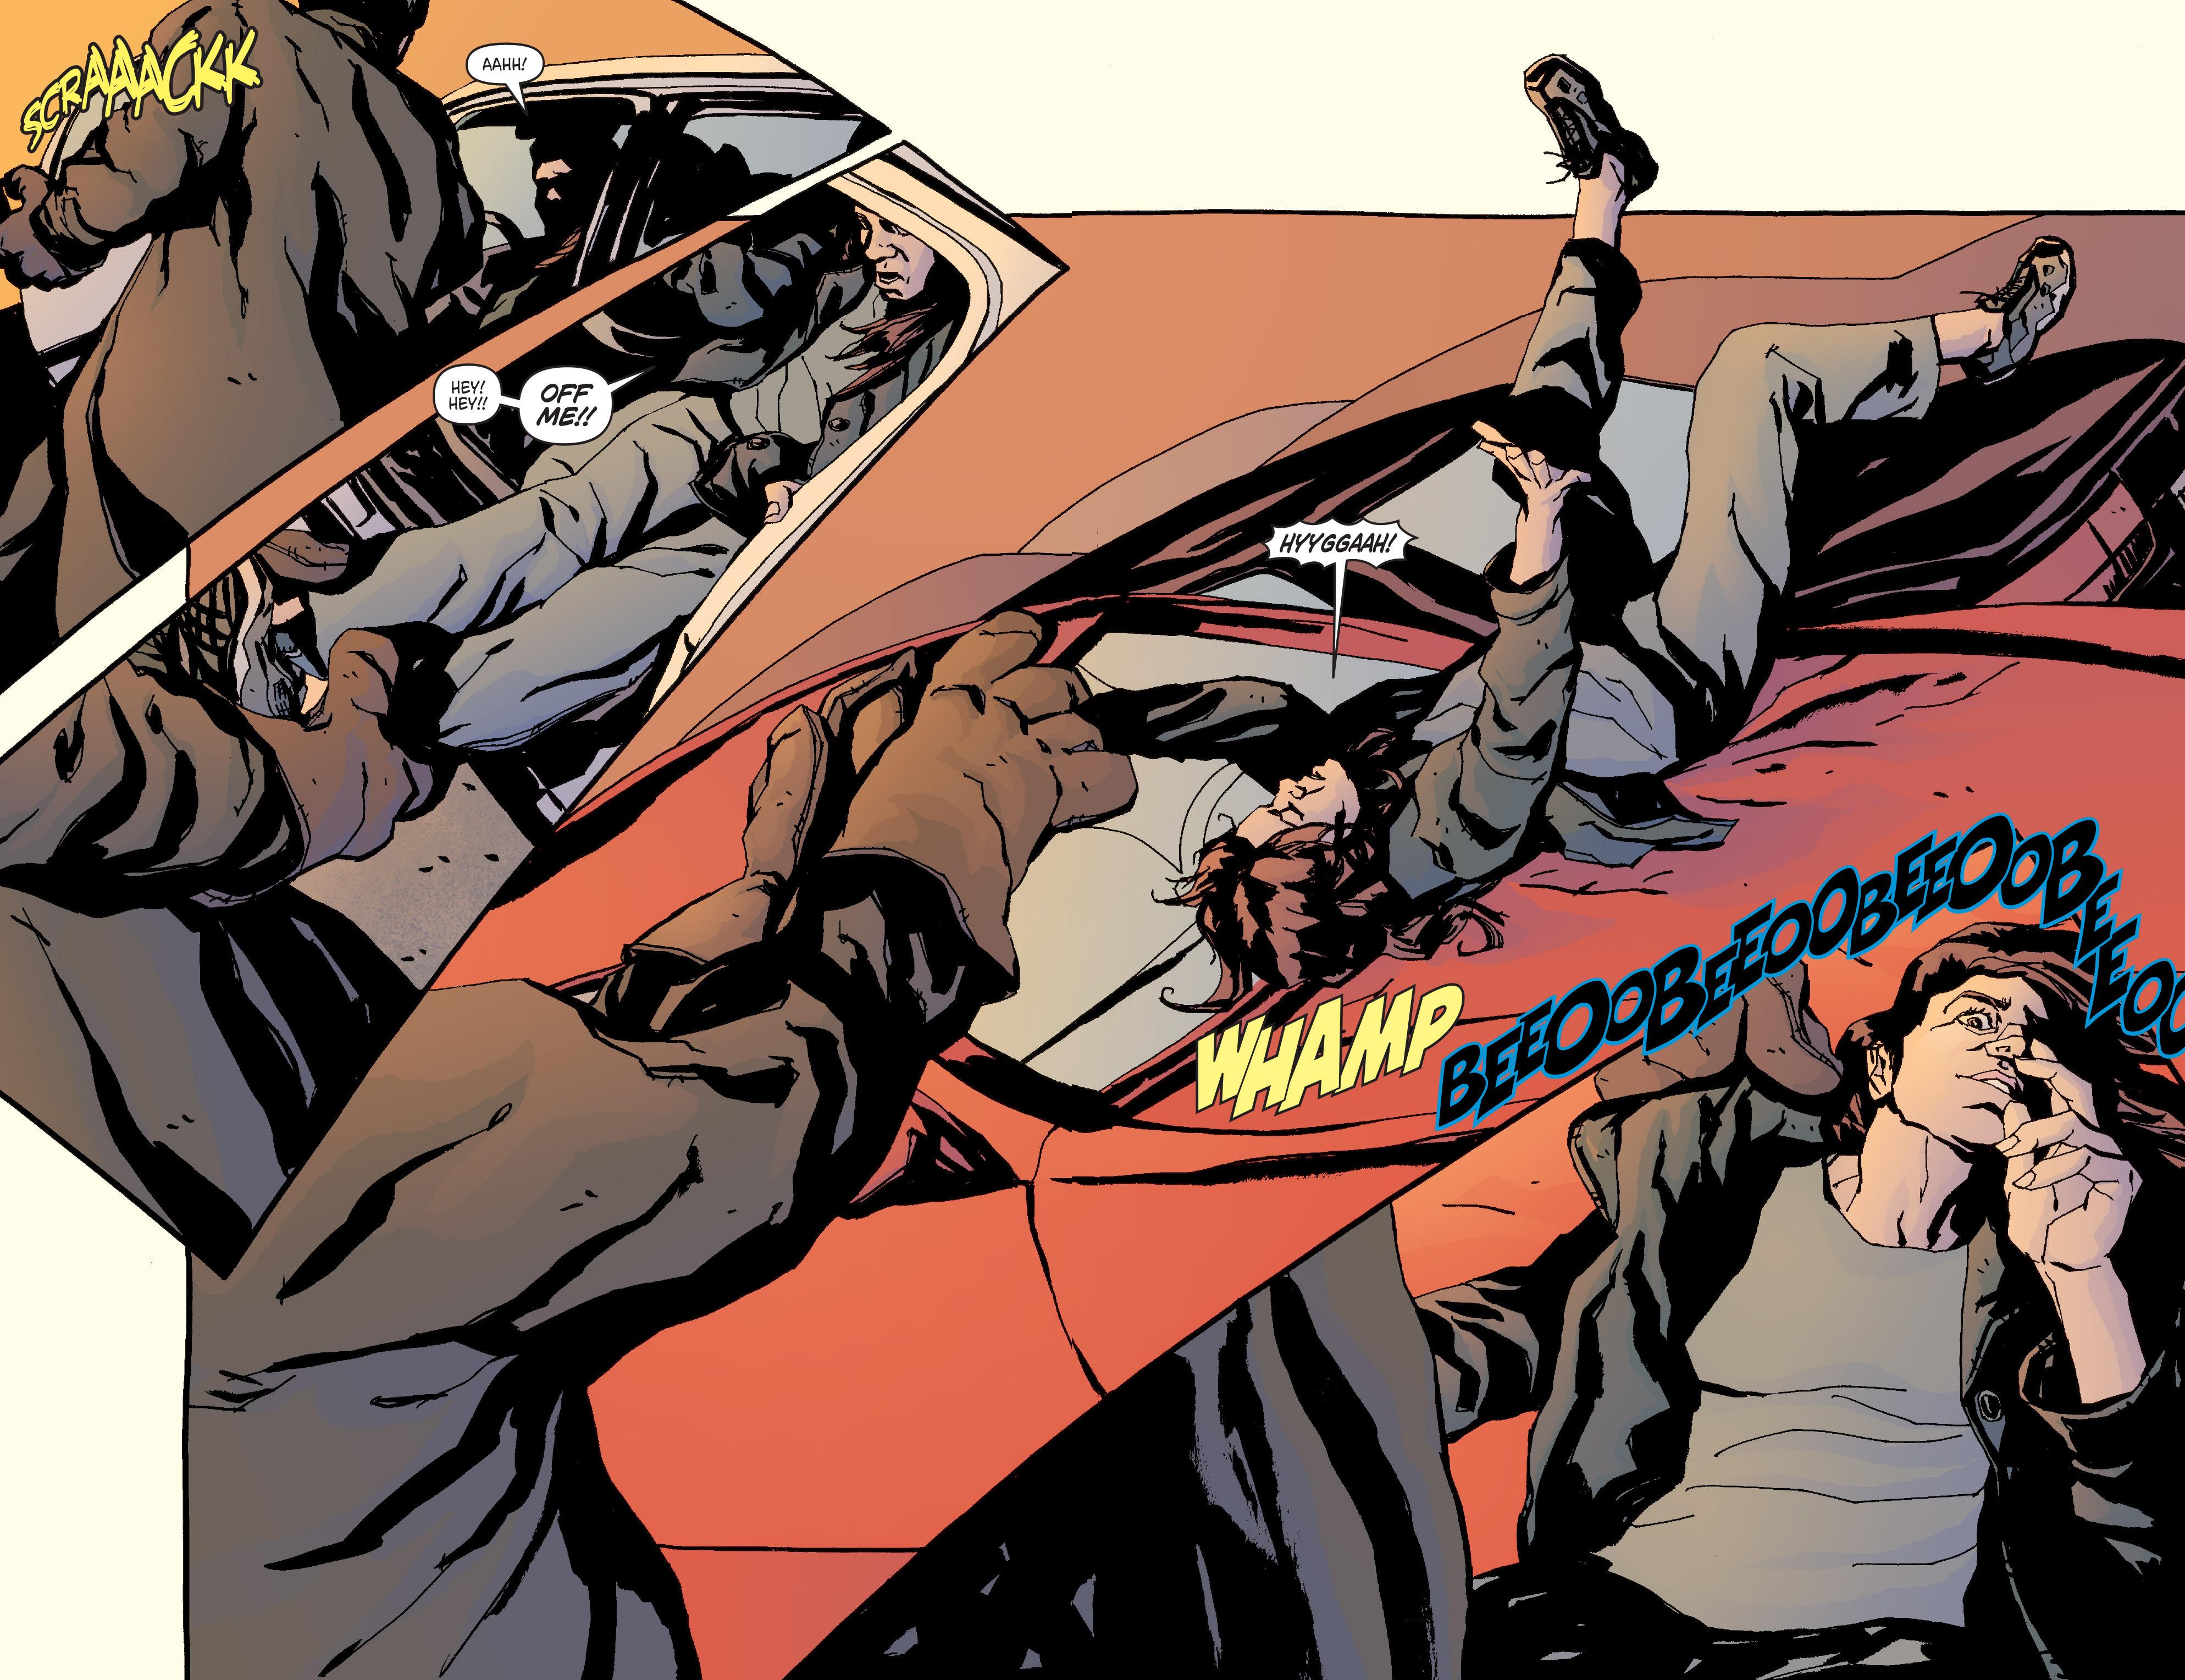 Read online Alias comic -  Issue #4 - 18